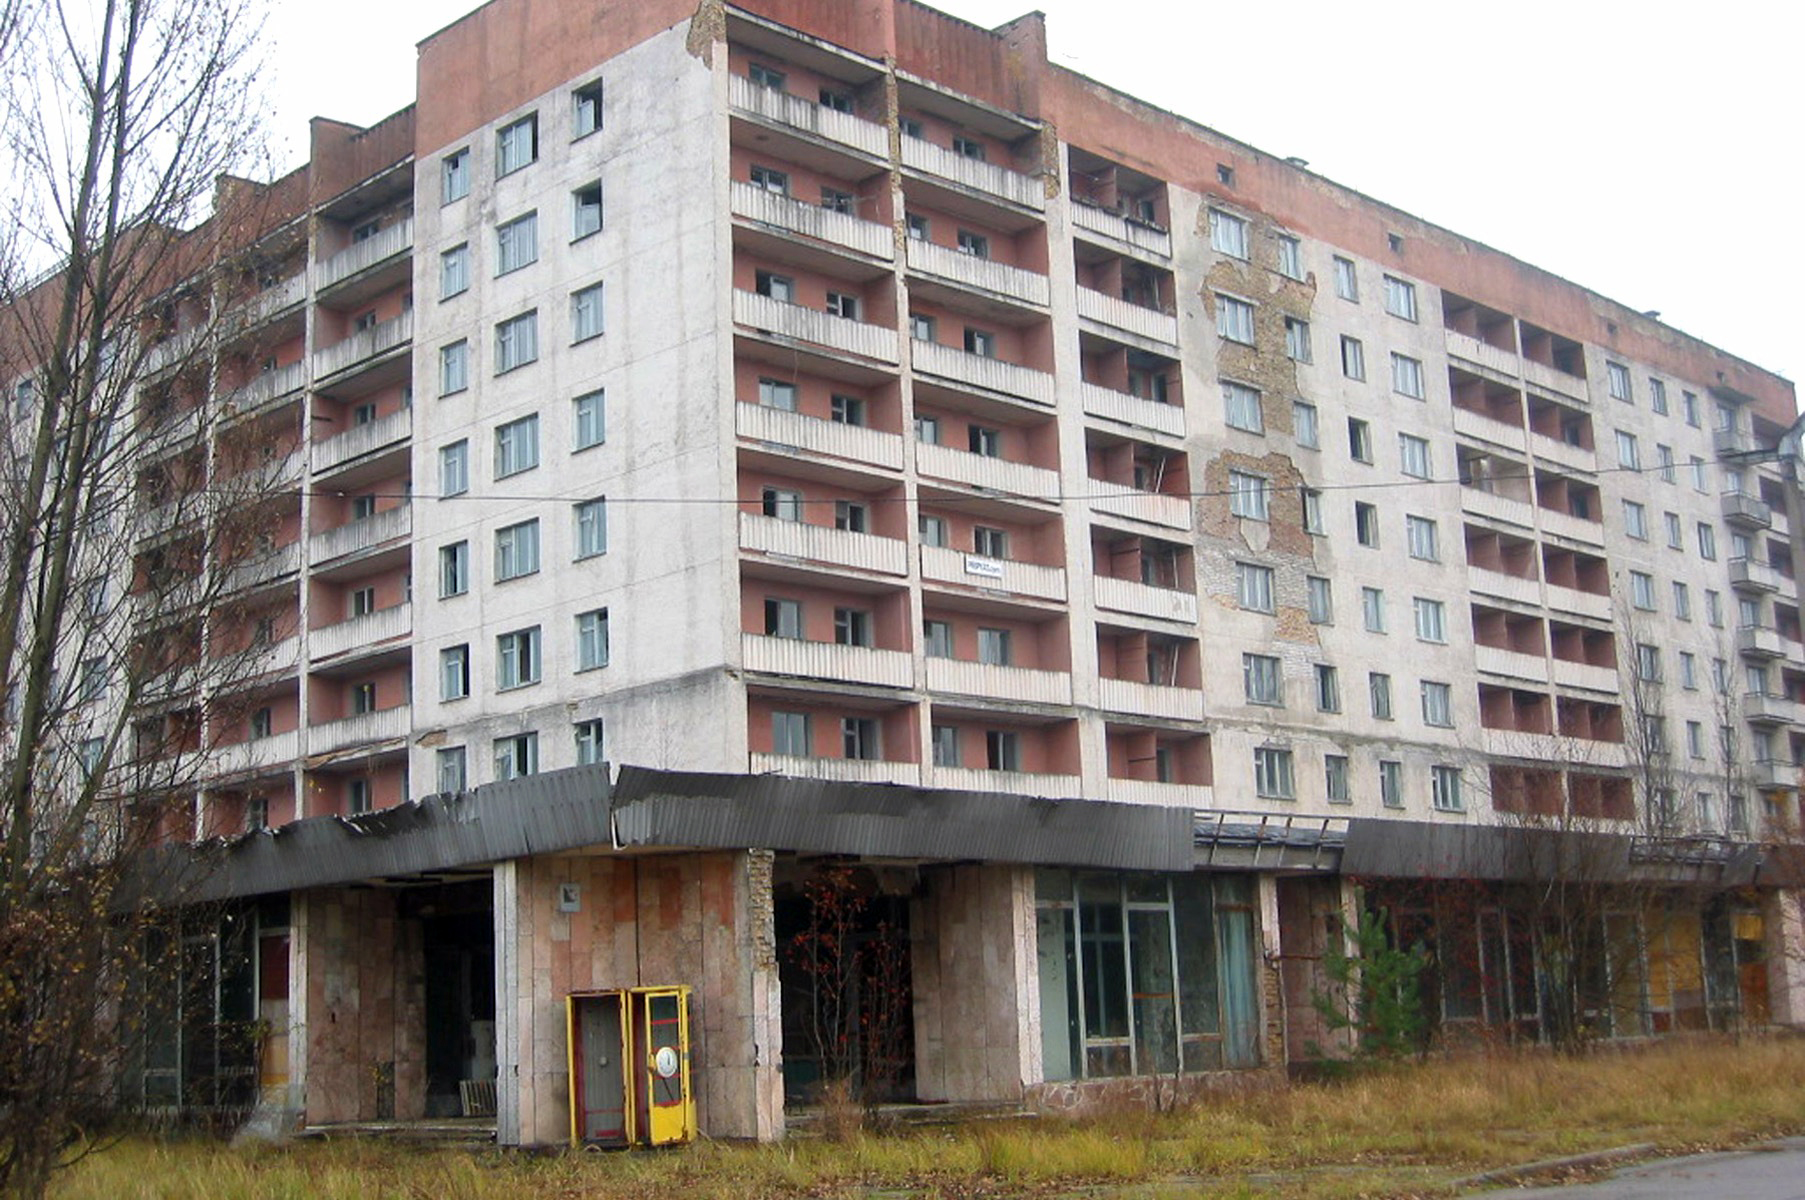 Chernobyl Pripyat Apartments